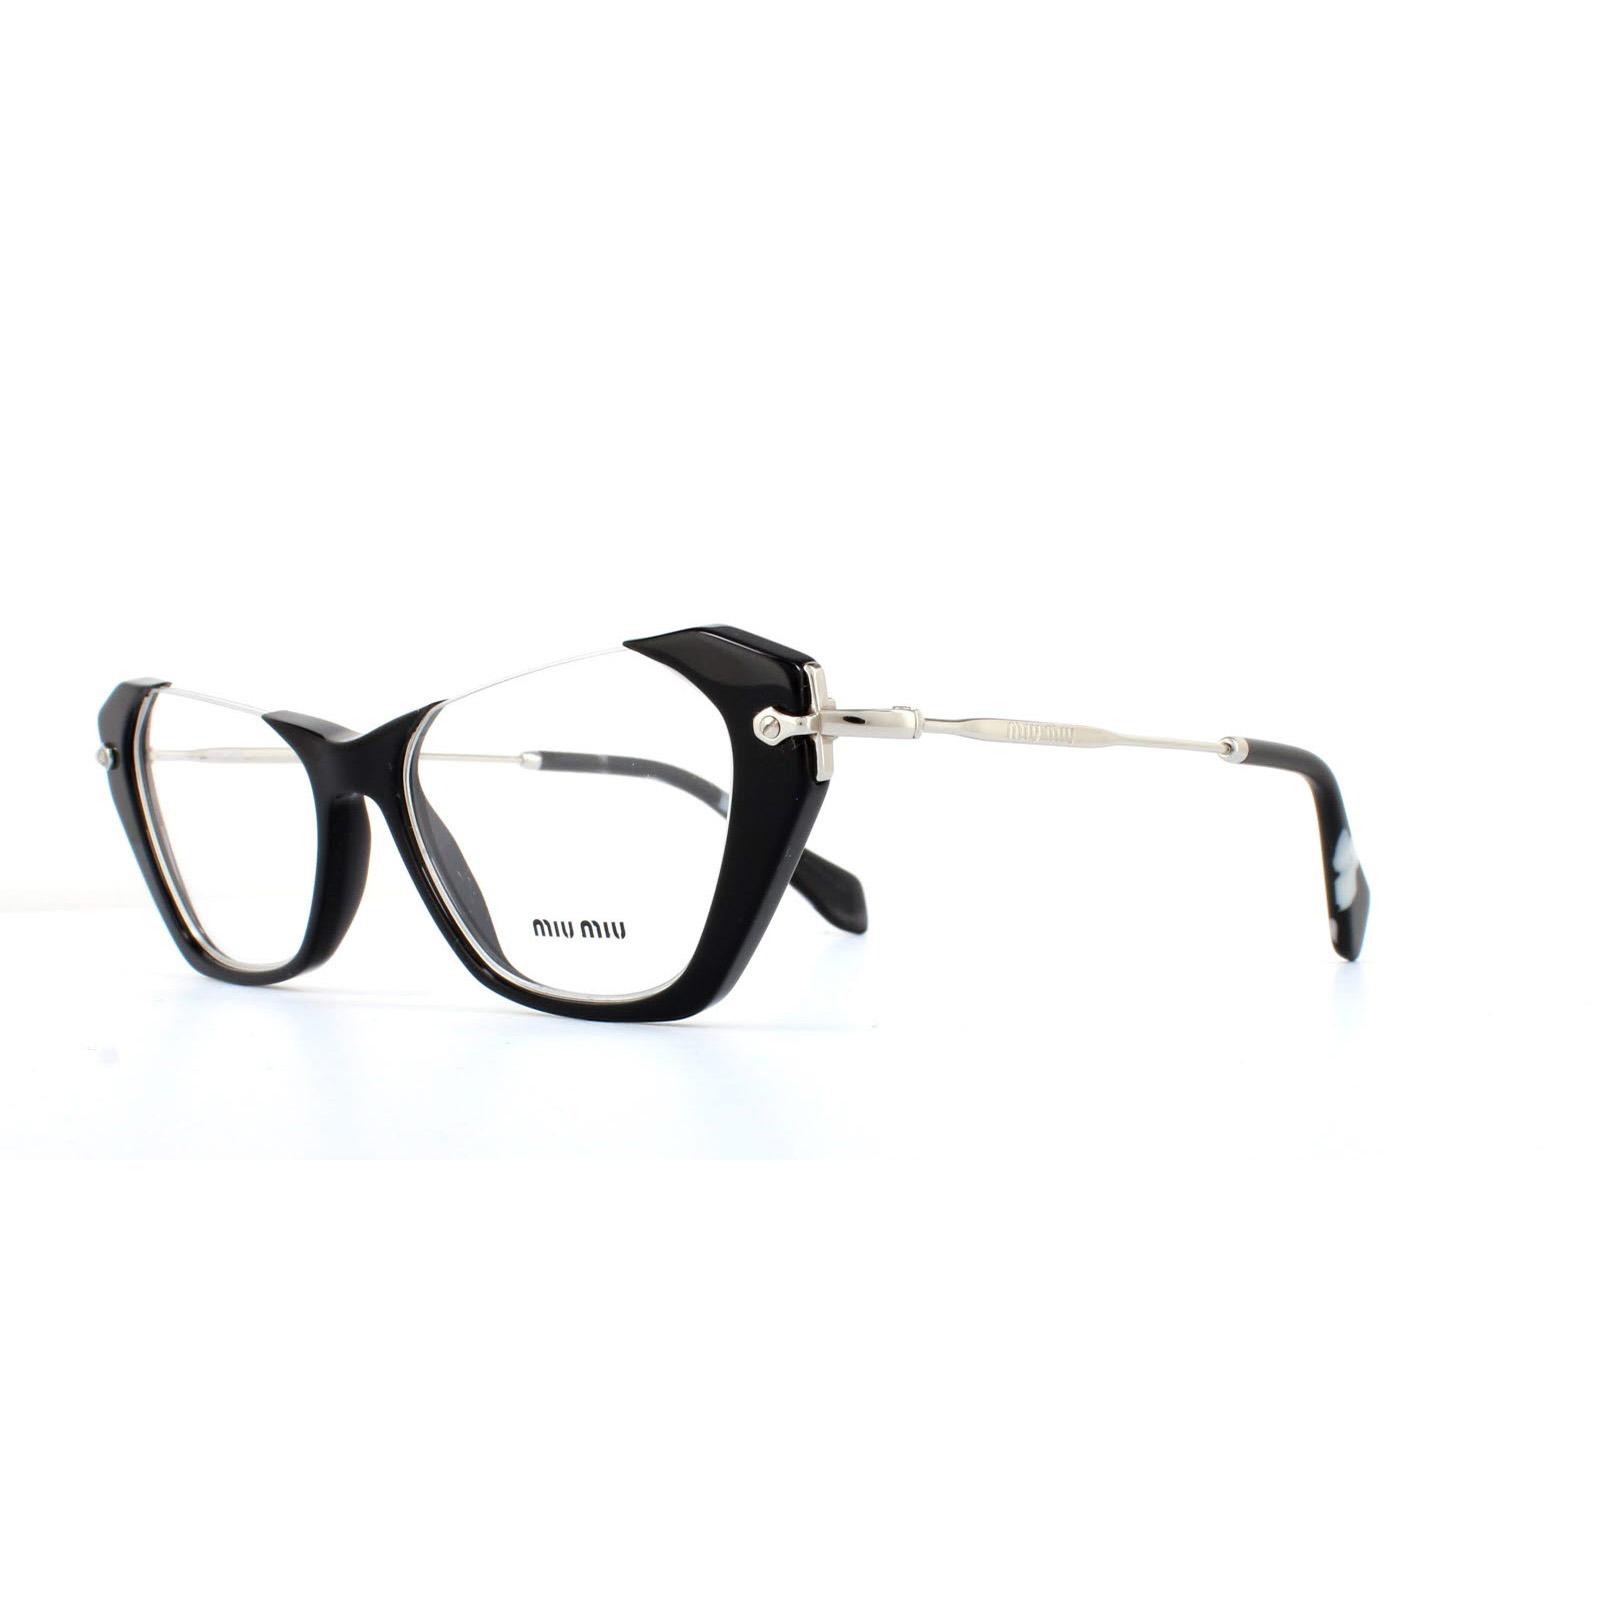 miu miu 04ov glasses frames - Miu Miu Optical Frames